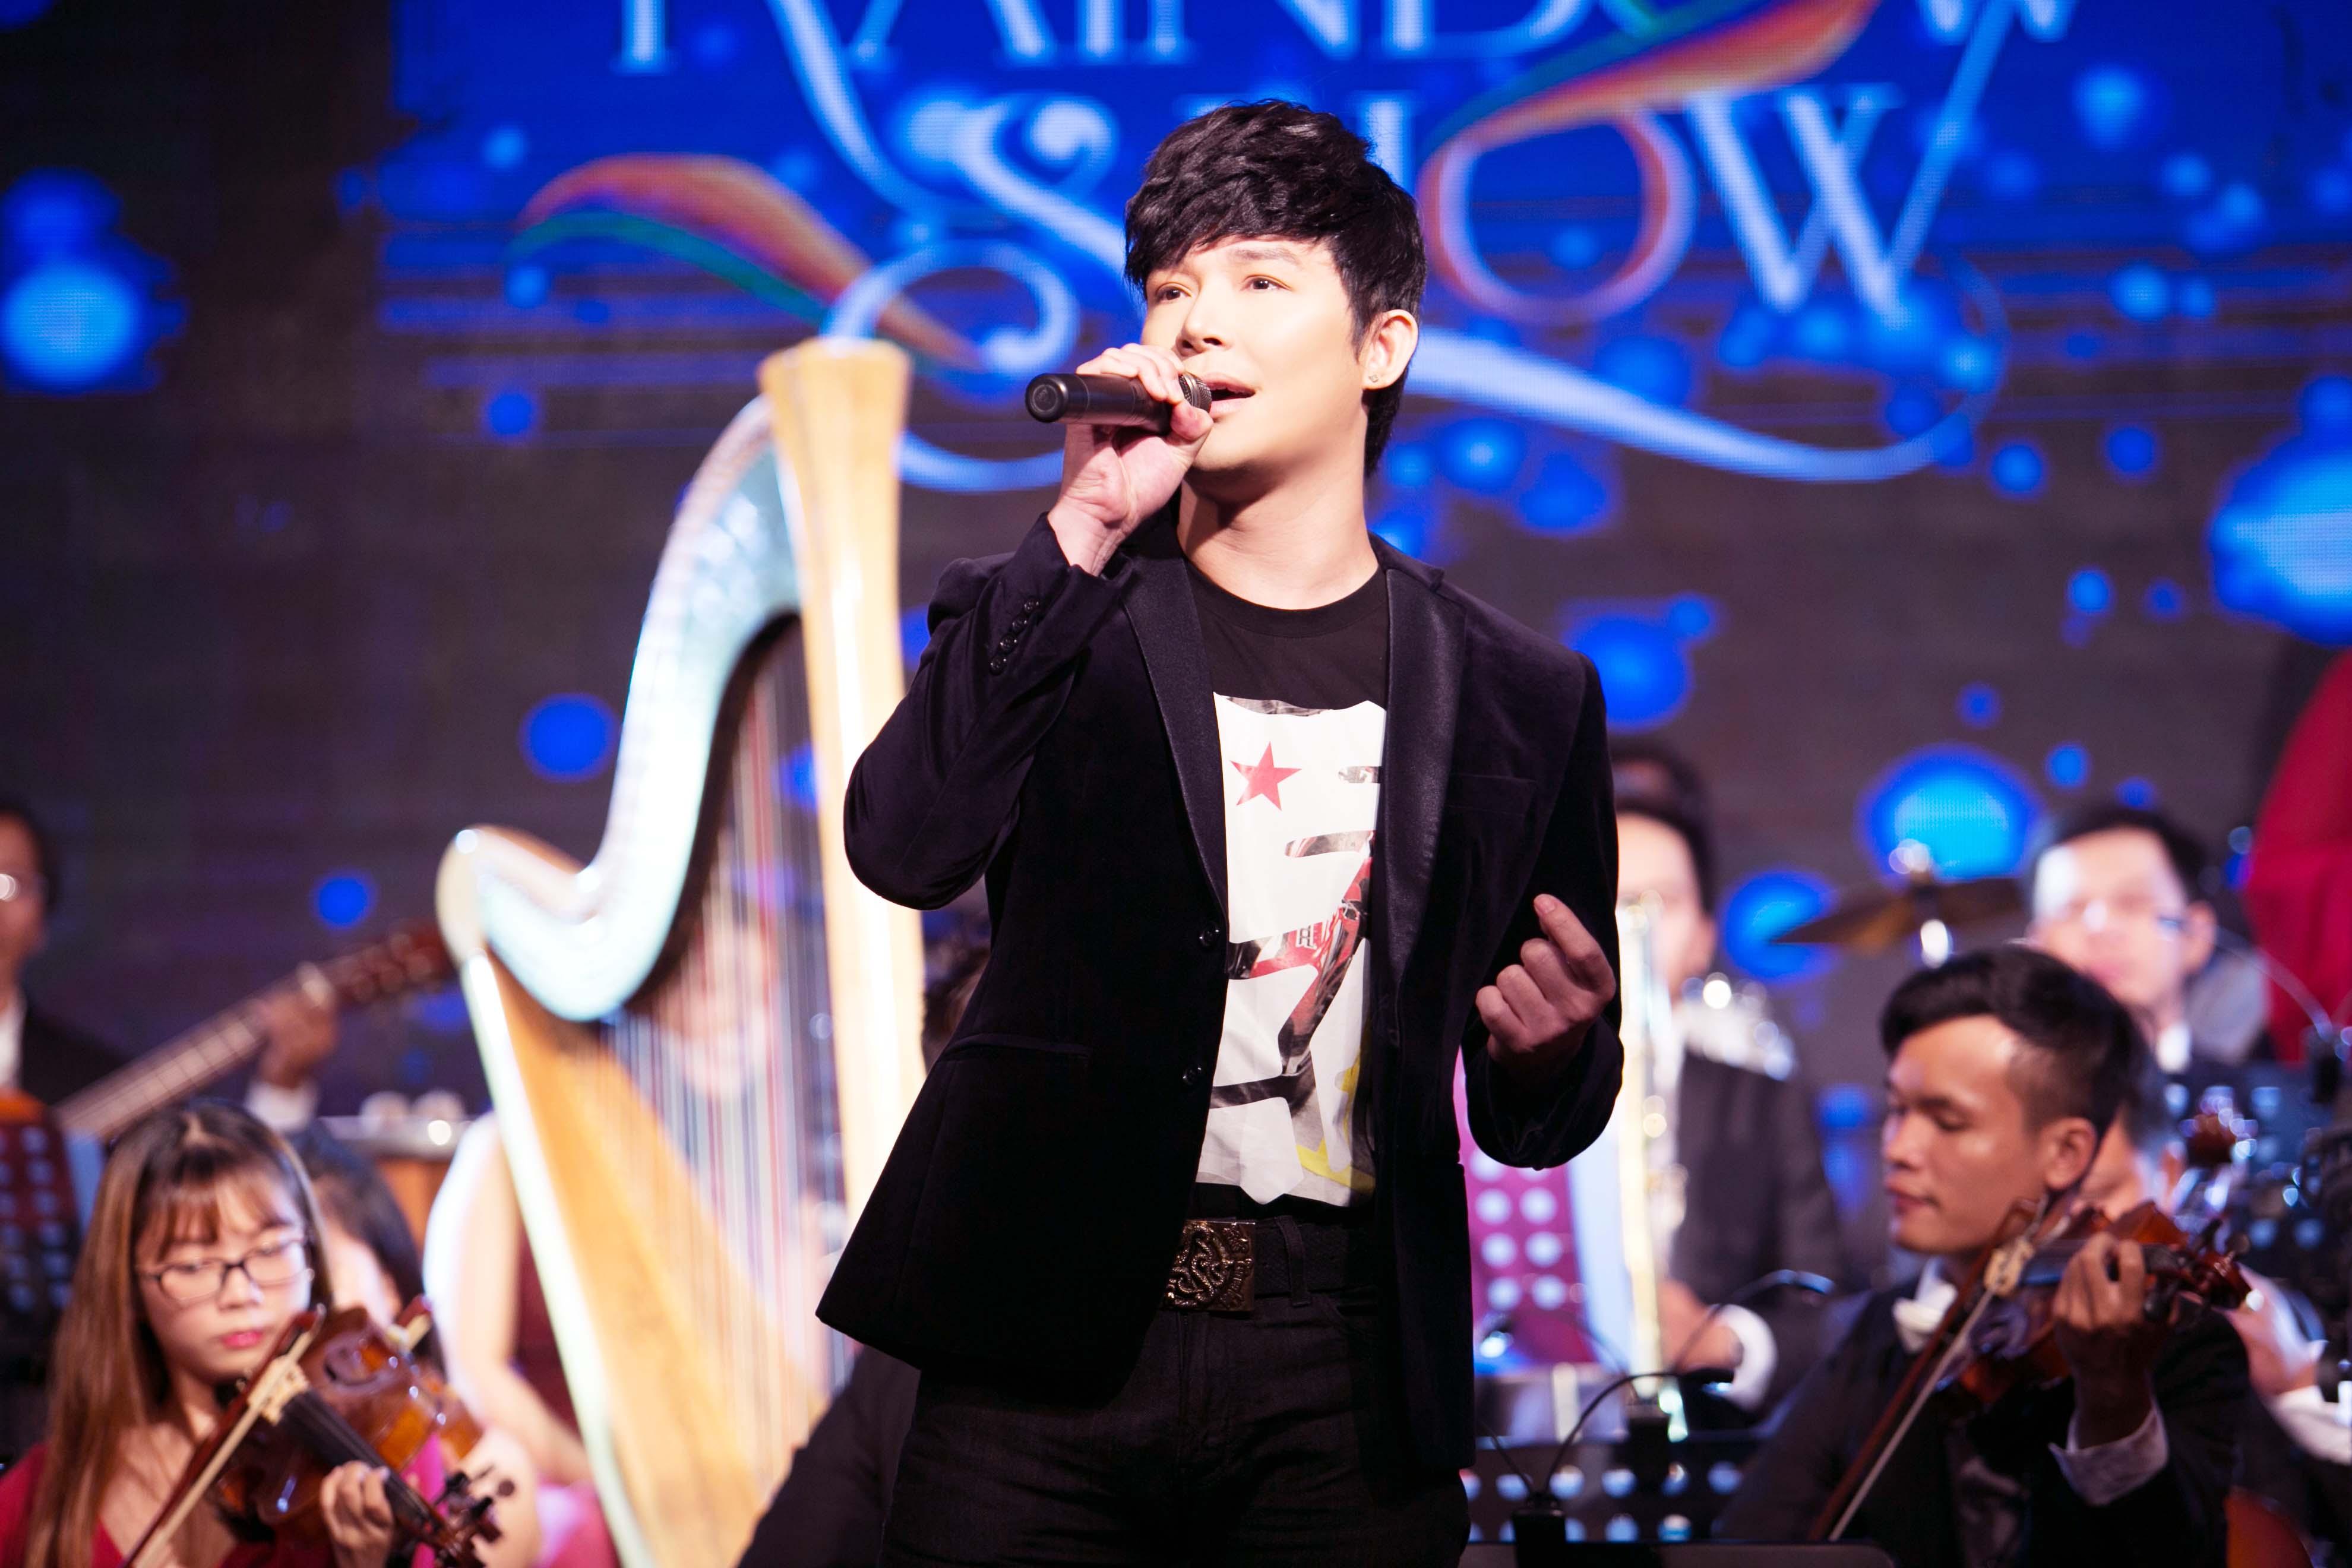 Giải trí - Con trai đại sứ Trương Triều Dương chứng tỏ đẳng cấp